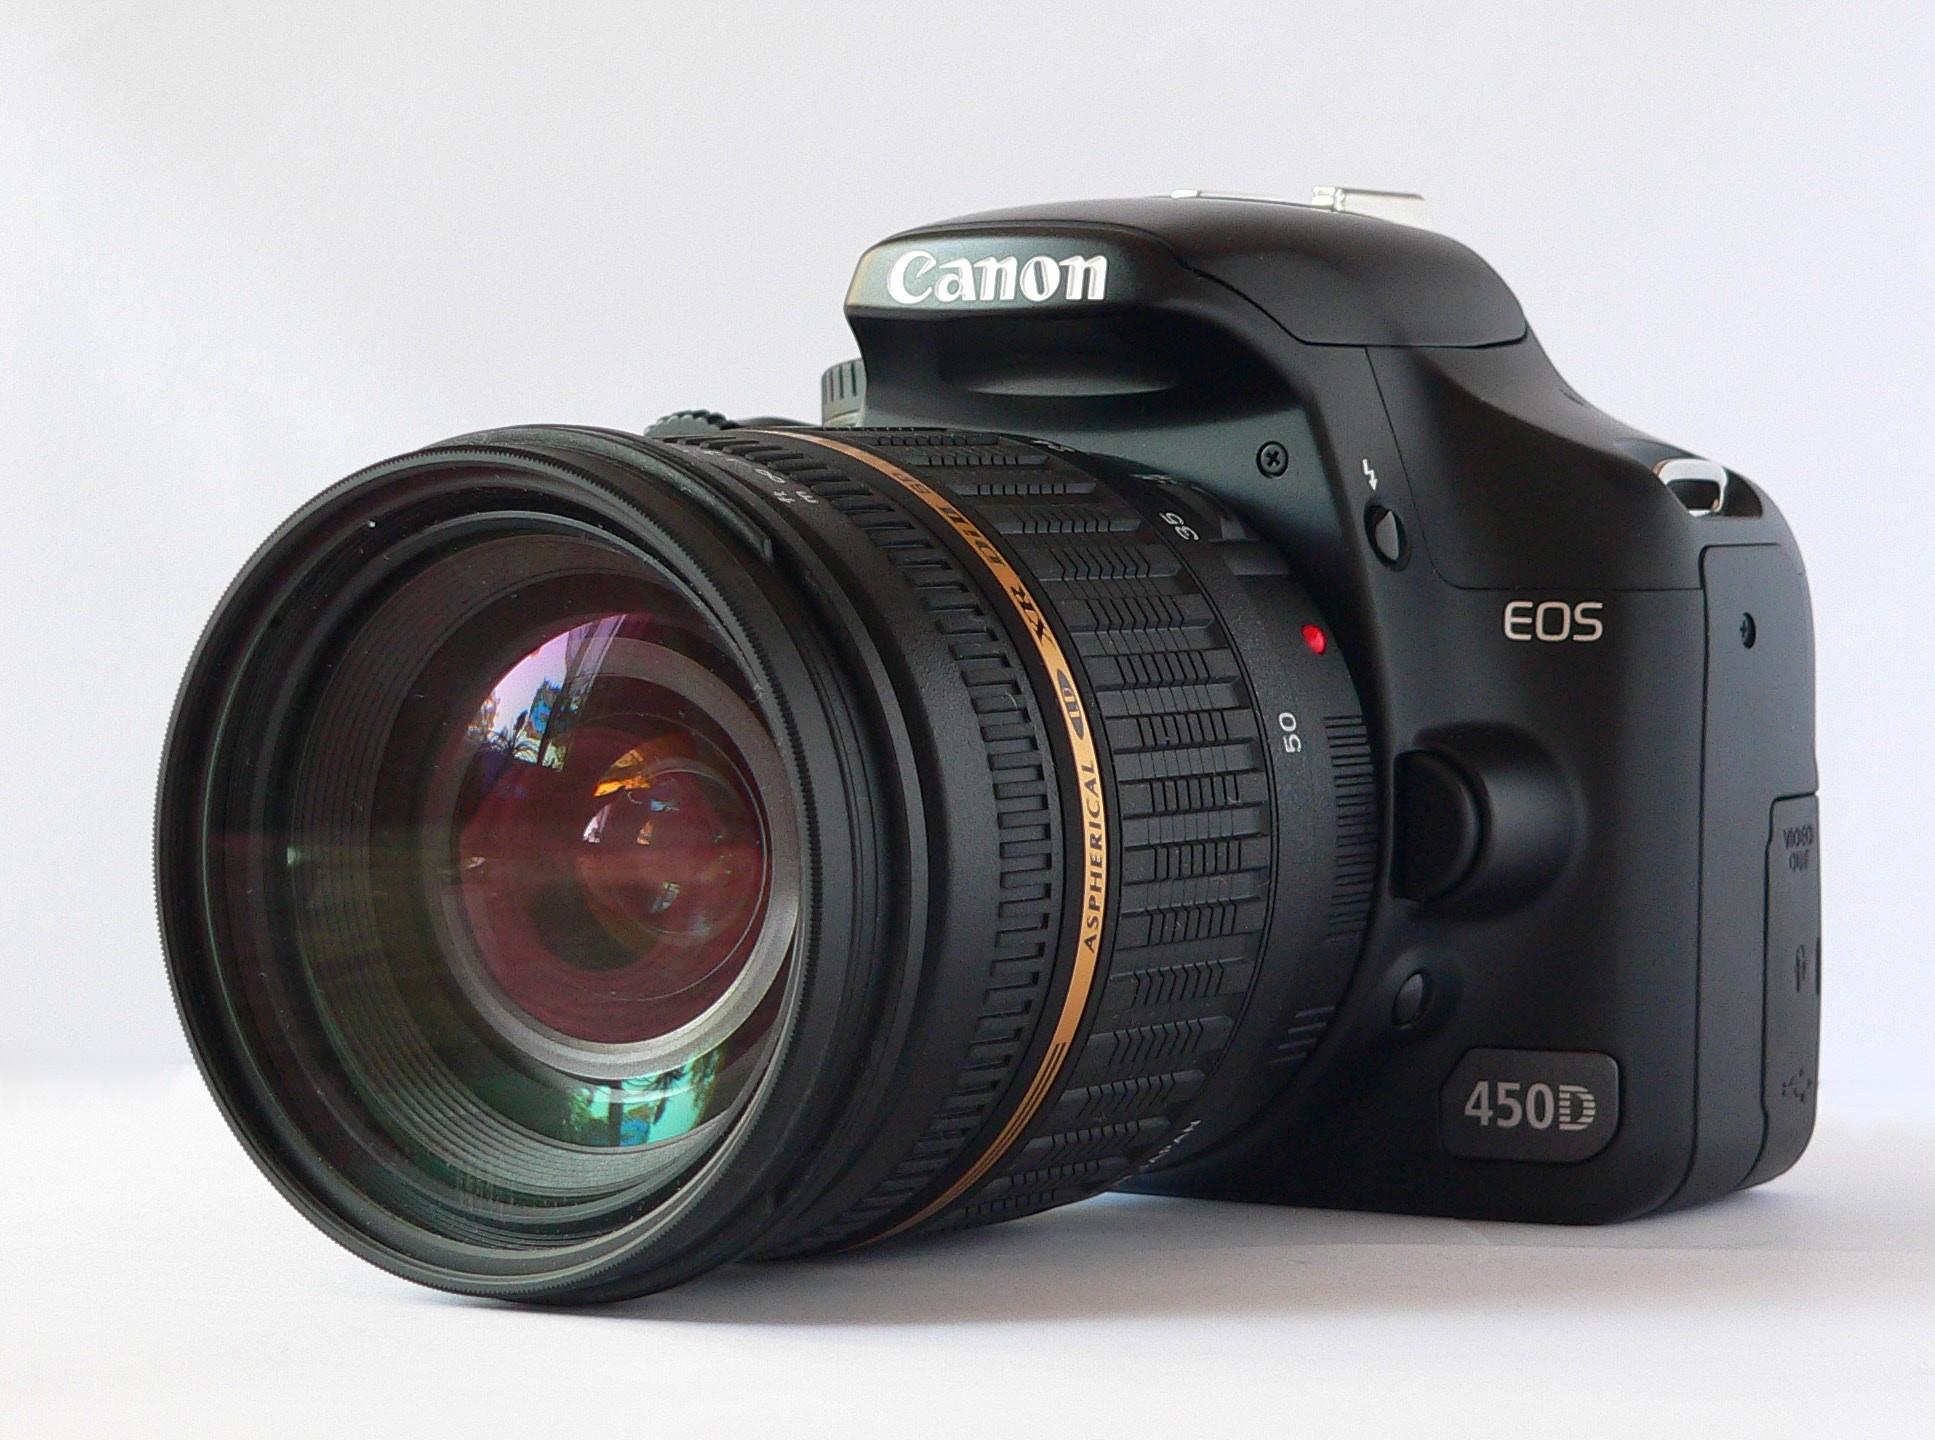 Camara fotos canon eos 450d 87